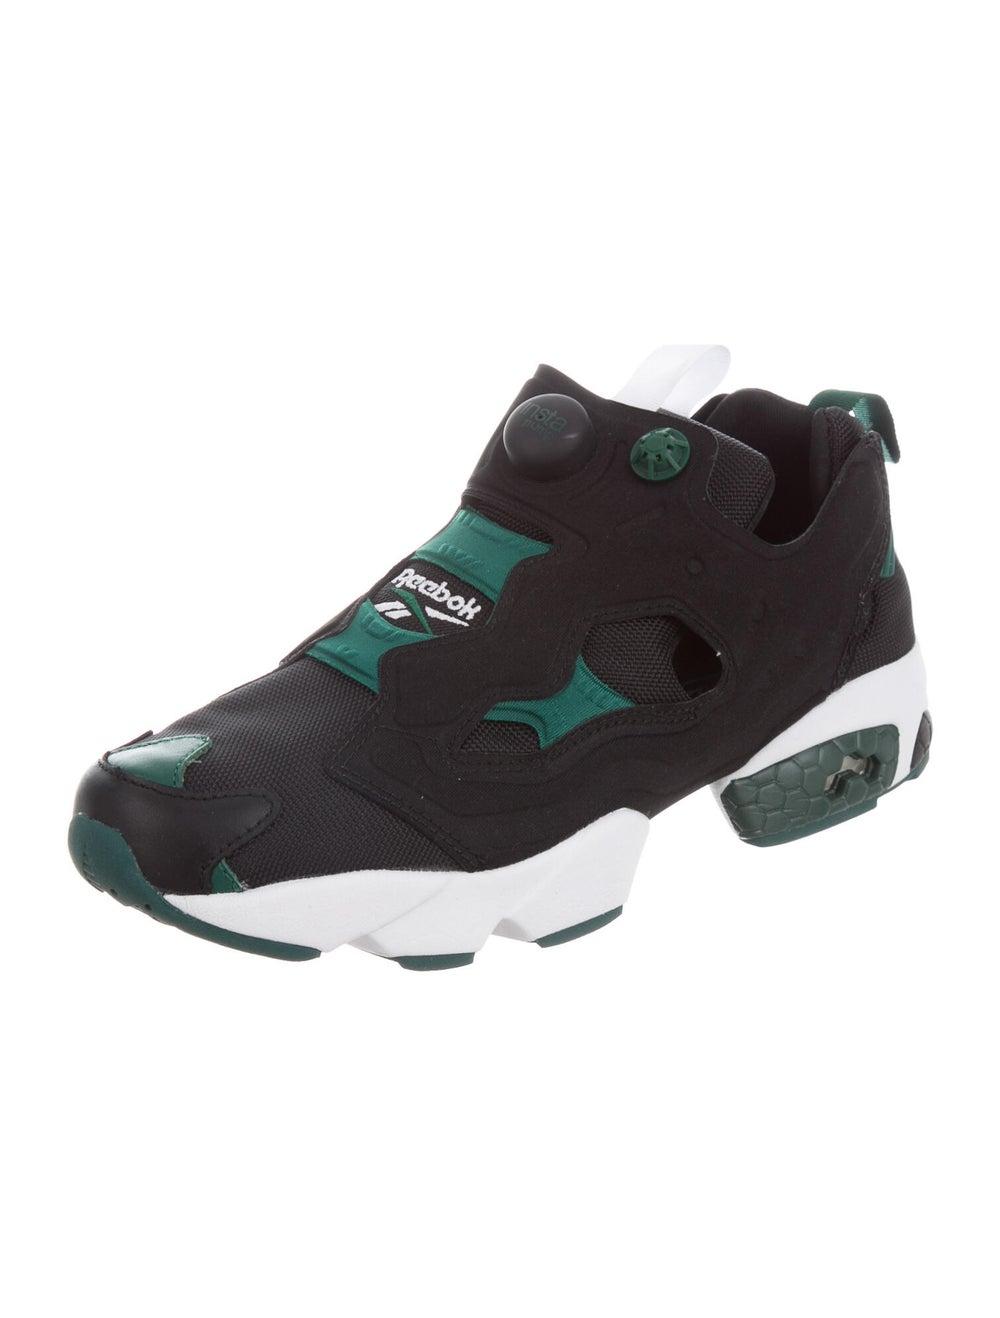 Reebok InstaPump Fury OG MU Sneakers Black - image 2